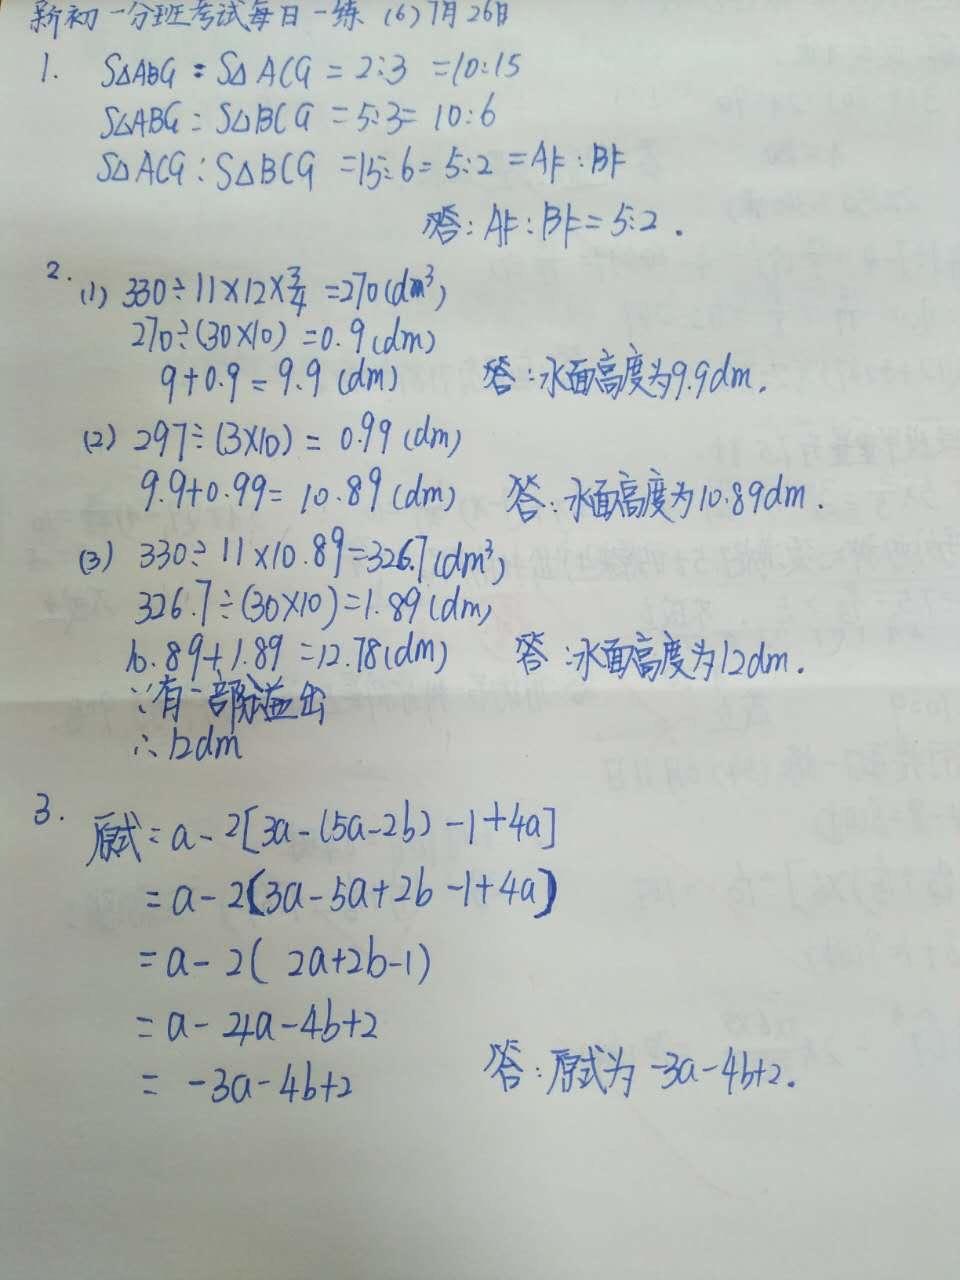 A22CE17A-6F2A-49F0-969F-35628461B0B0.jpg